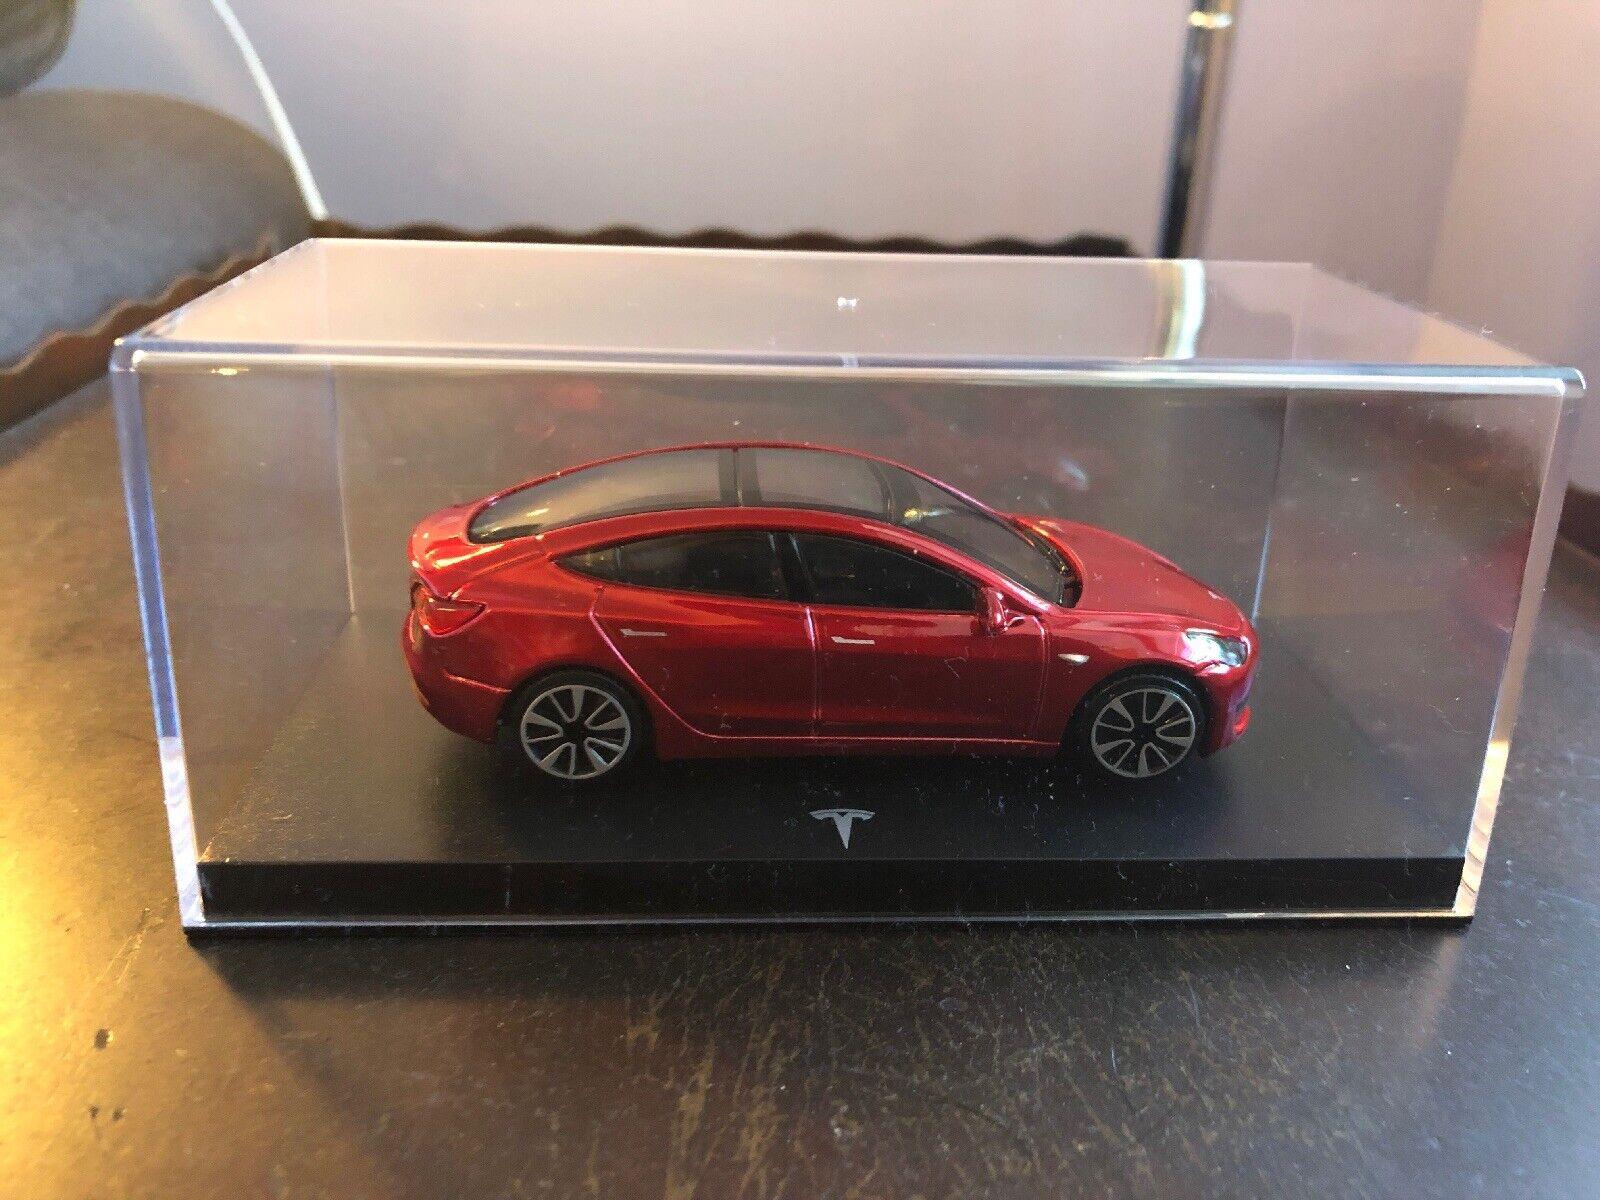 Antiguo modeloo Tesla 3  1  43, moldeado a escala, rojo.